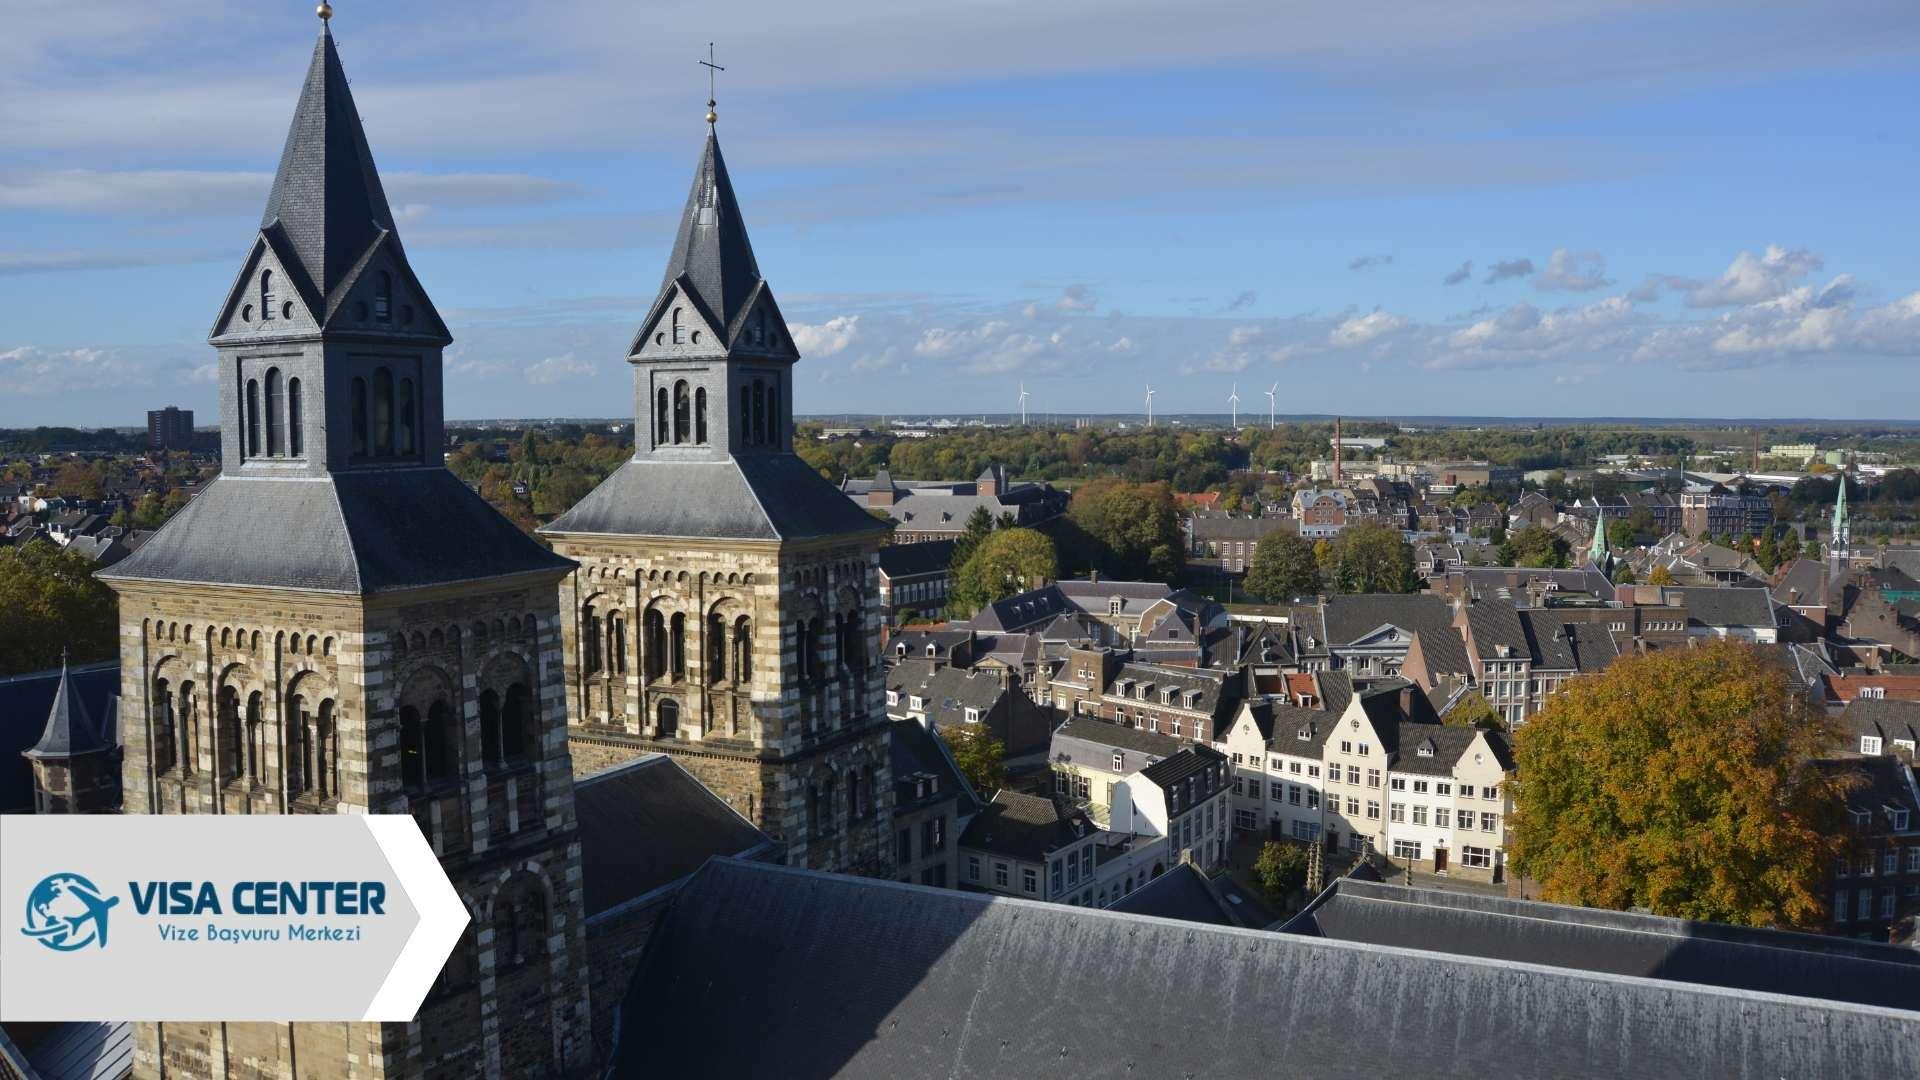 Hollanda Vizesi için Randevu Nasıl Alınır